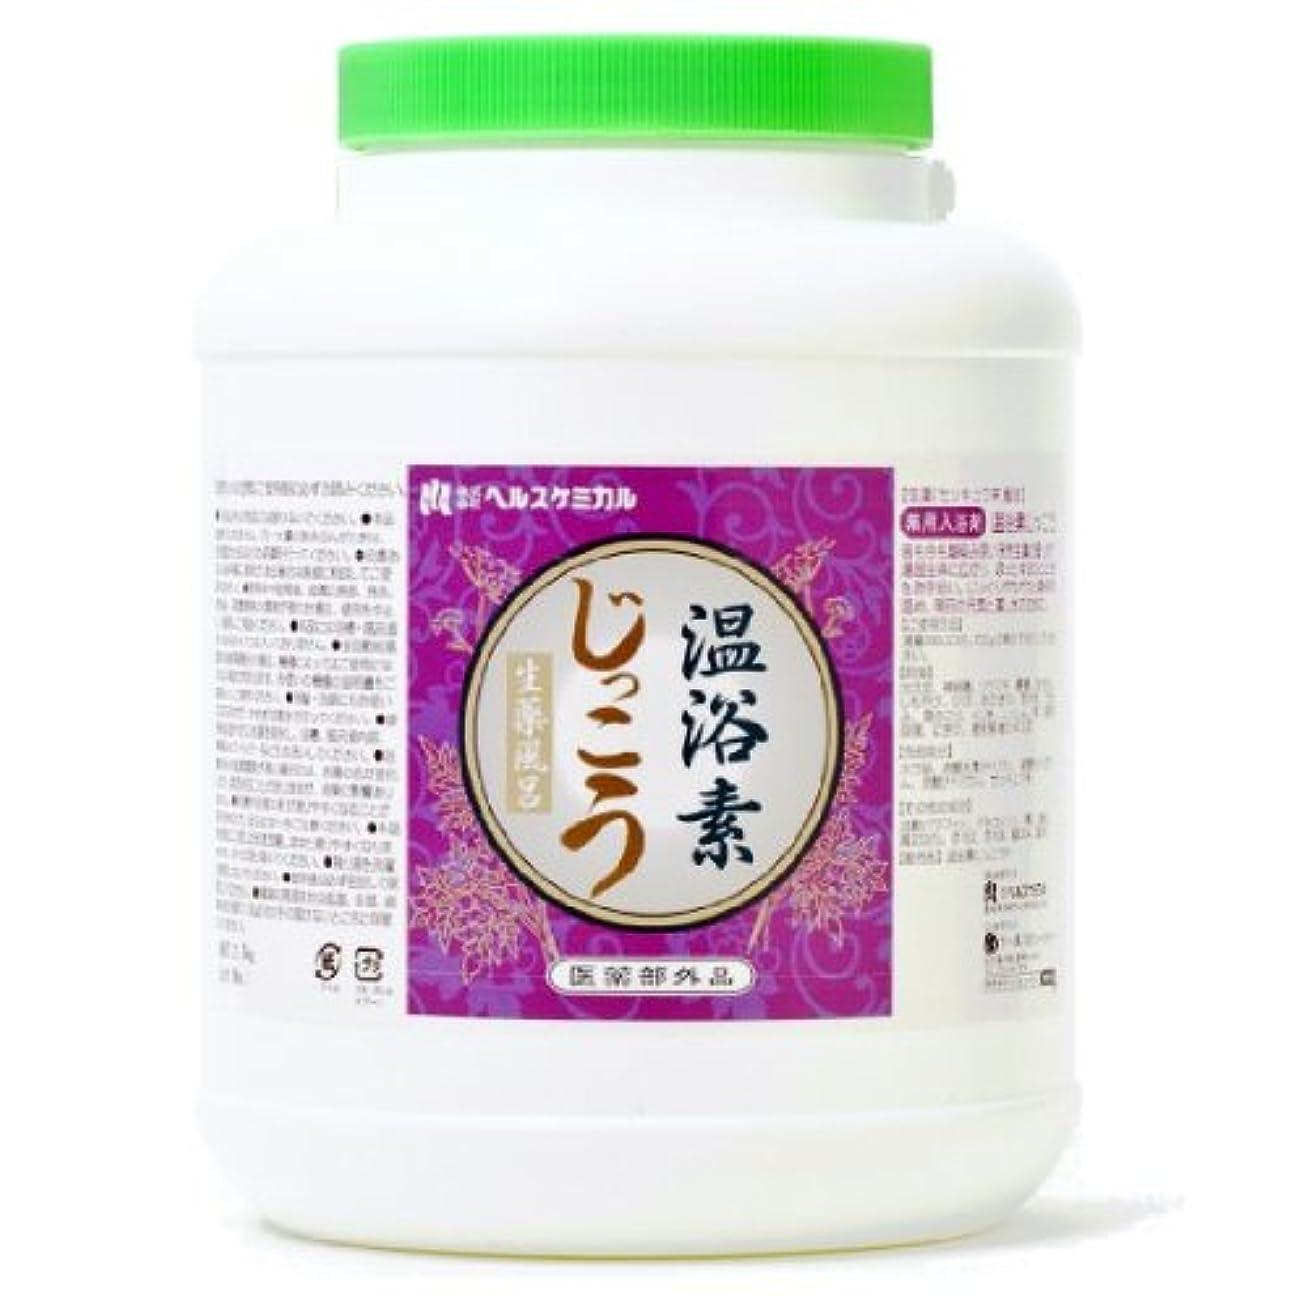 けん引ロッカー寝室を掃除する温浴素 じっこう 2.5kg 約125回分 粉末 生薬 薬湯 医薬部外品 ロングセラー 天然生薬 の 香り